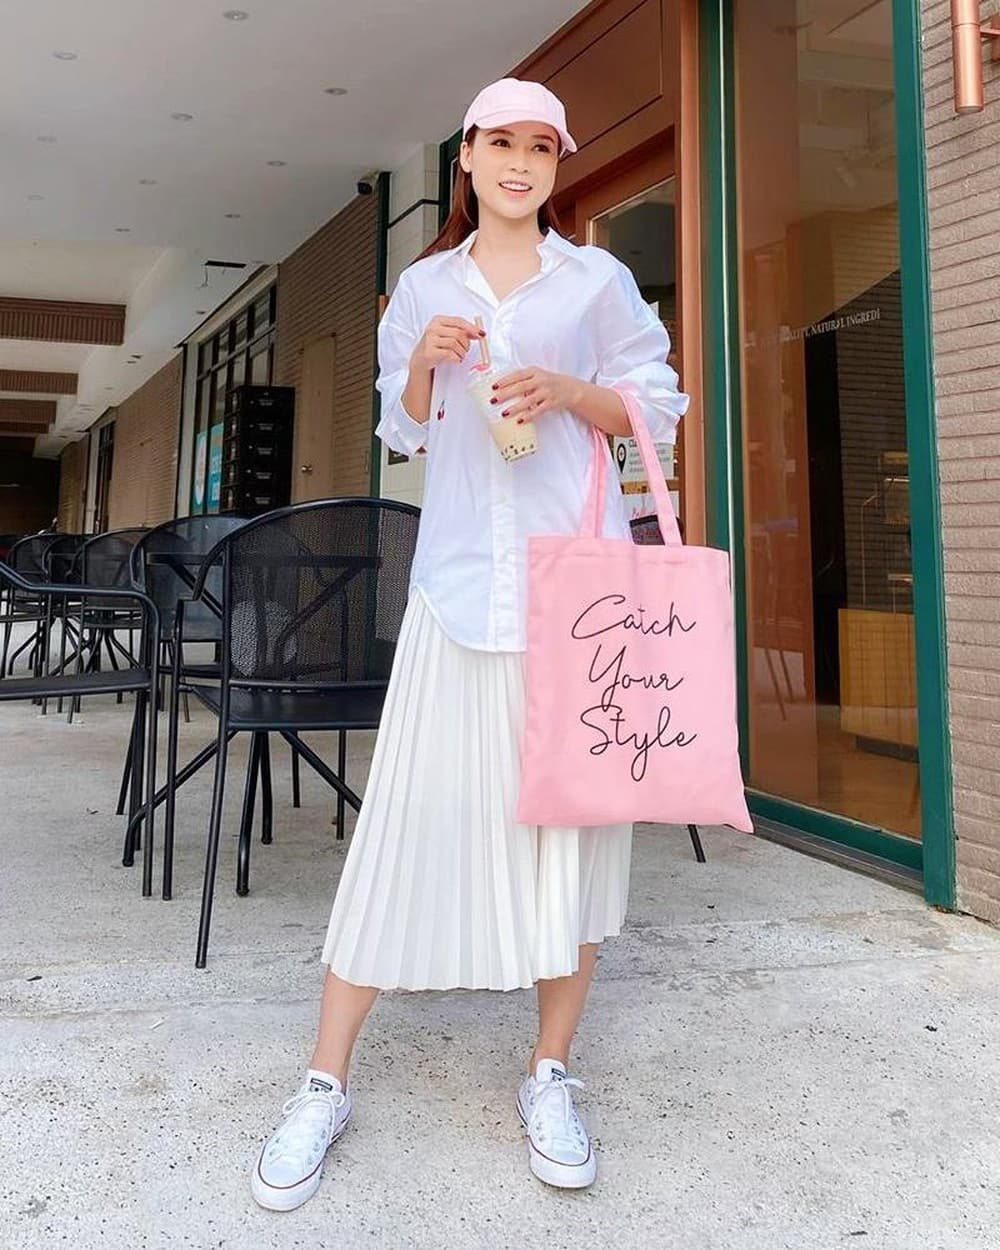 Hotgirl giàu bậc nhất Vbiz có 50 tỷ: mặc đồ bánh bèo giản đơn nhưng xách túi trăm triệu - Ảnh 4